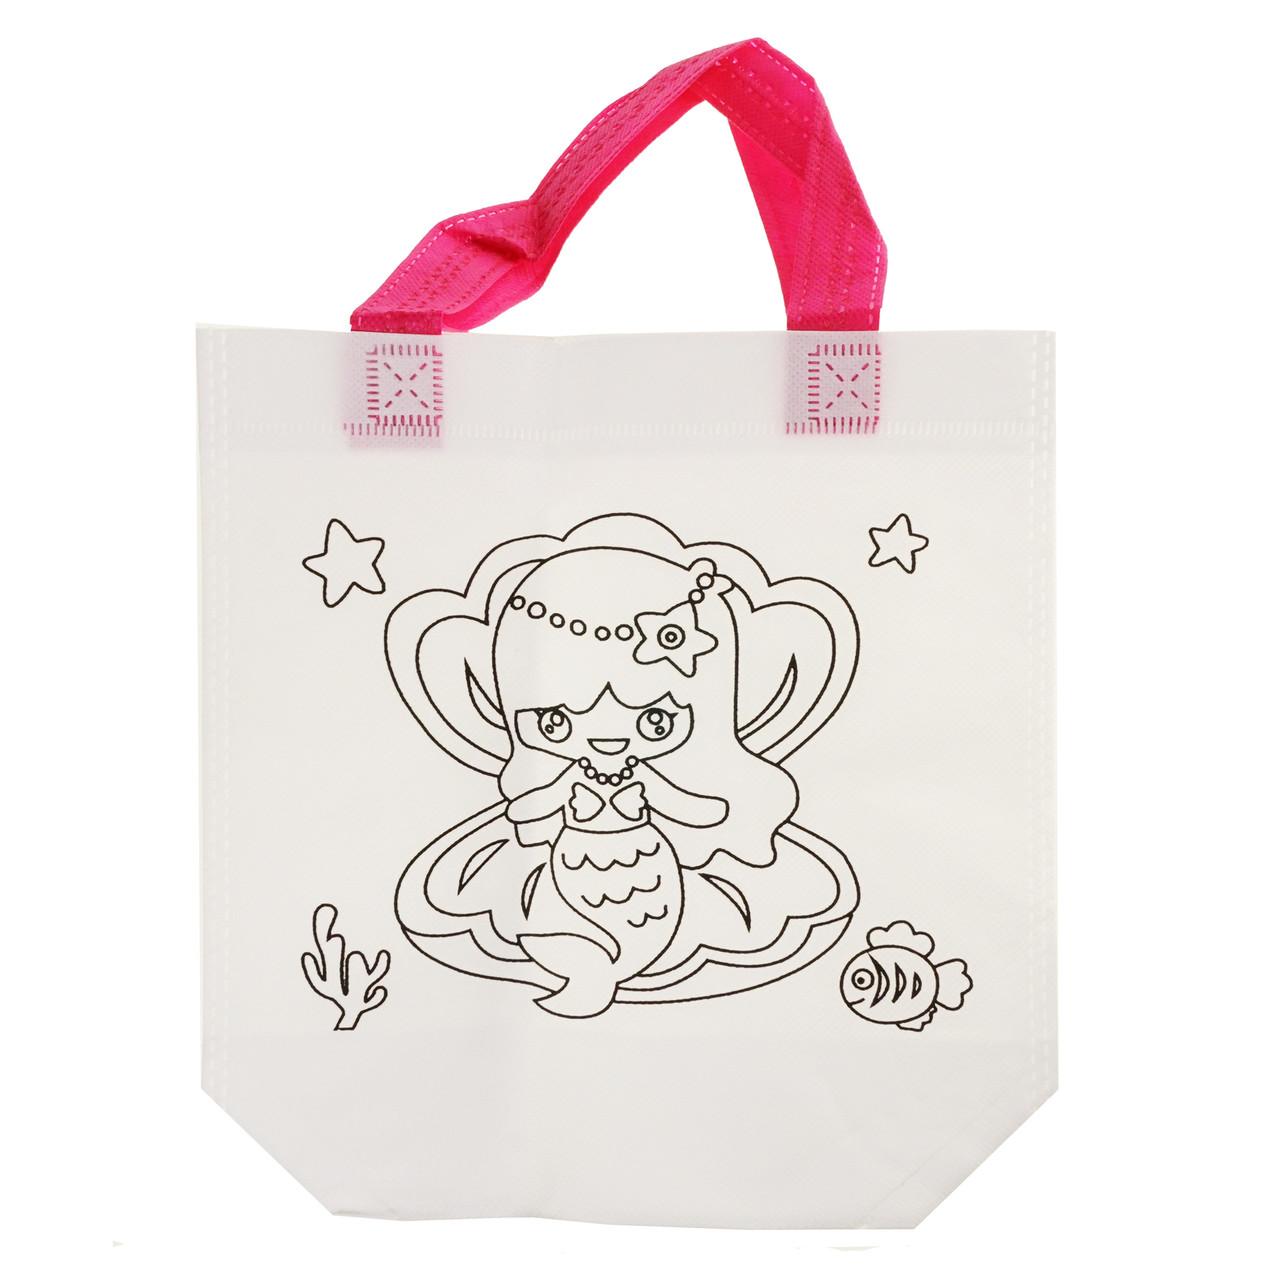 Детская сумка раскраска Русалка - эко сумка набор для раскрашивания с фломастерами